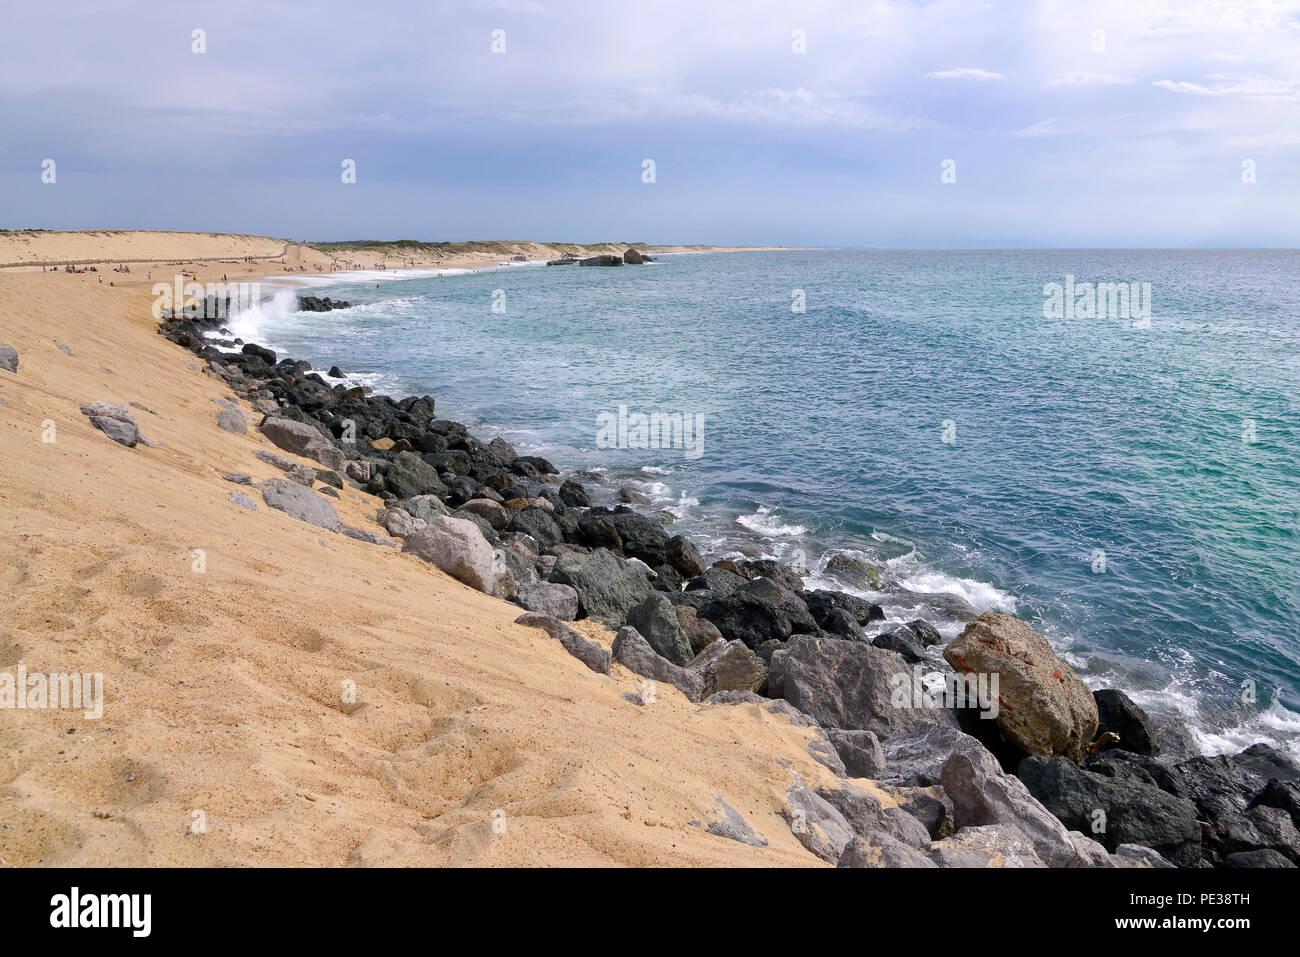 Strand von Capbreton, eine Gemeinde im französischen Département Landes in Nouvelle-Aquitaine im Südwesten von Frankreich. Stockbild